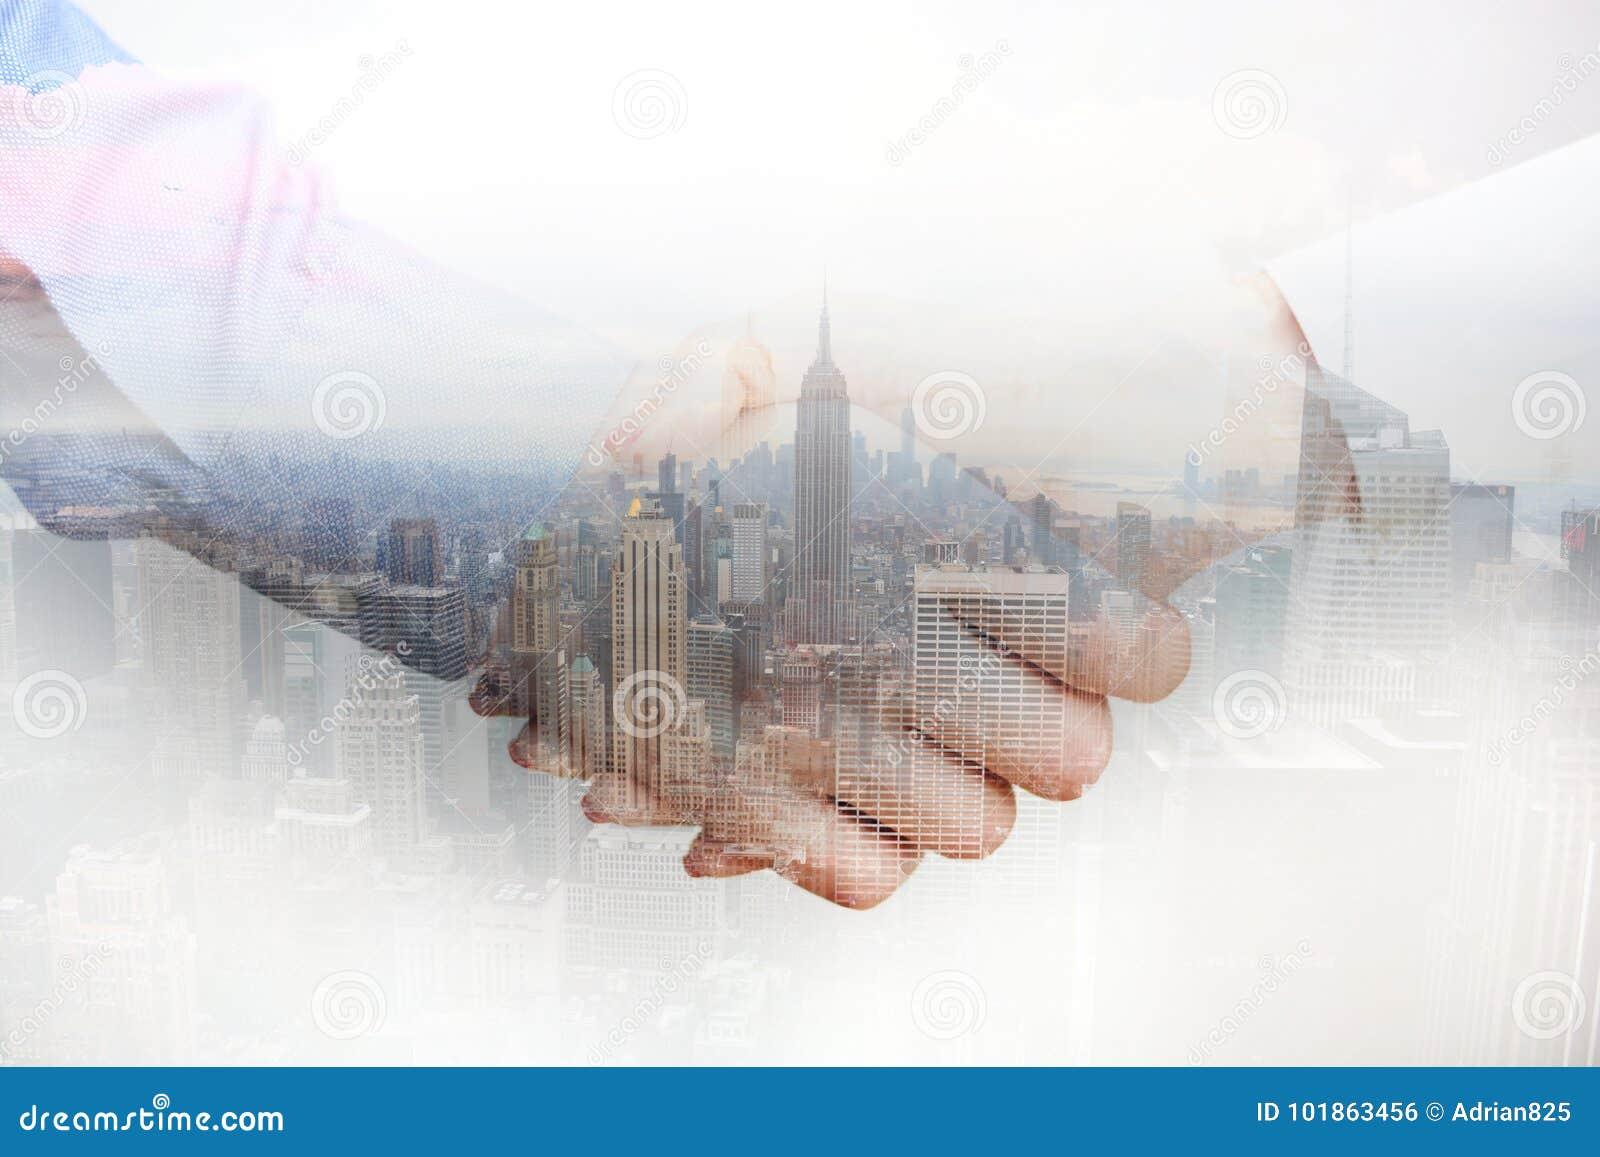 Imagem composta com os executivos que agitam as mãos e os arranha-céus da cidade